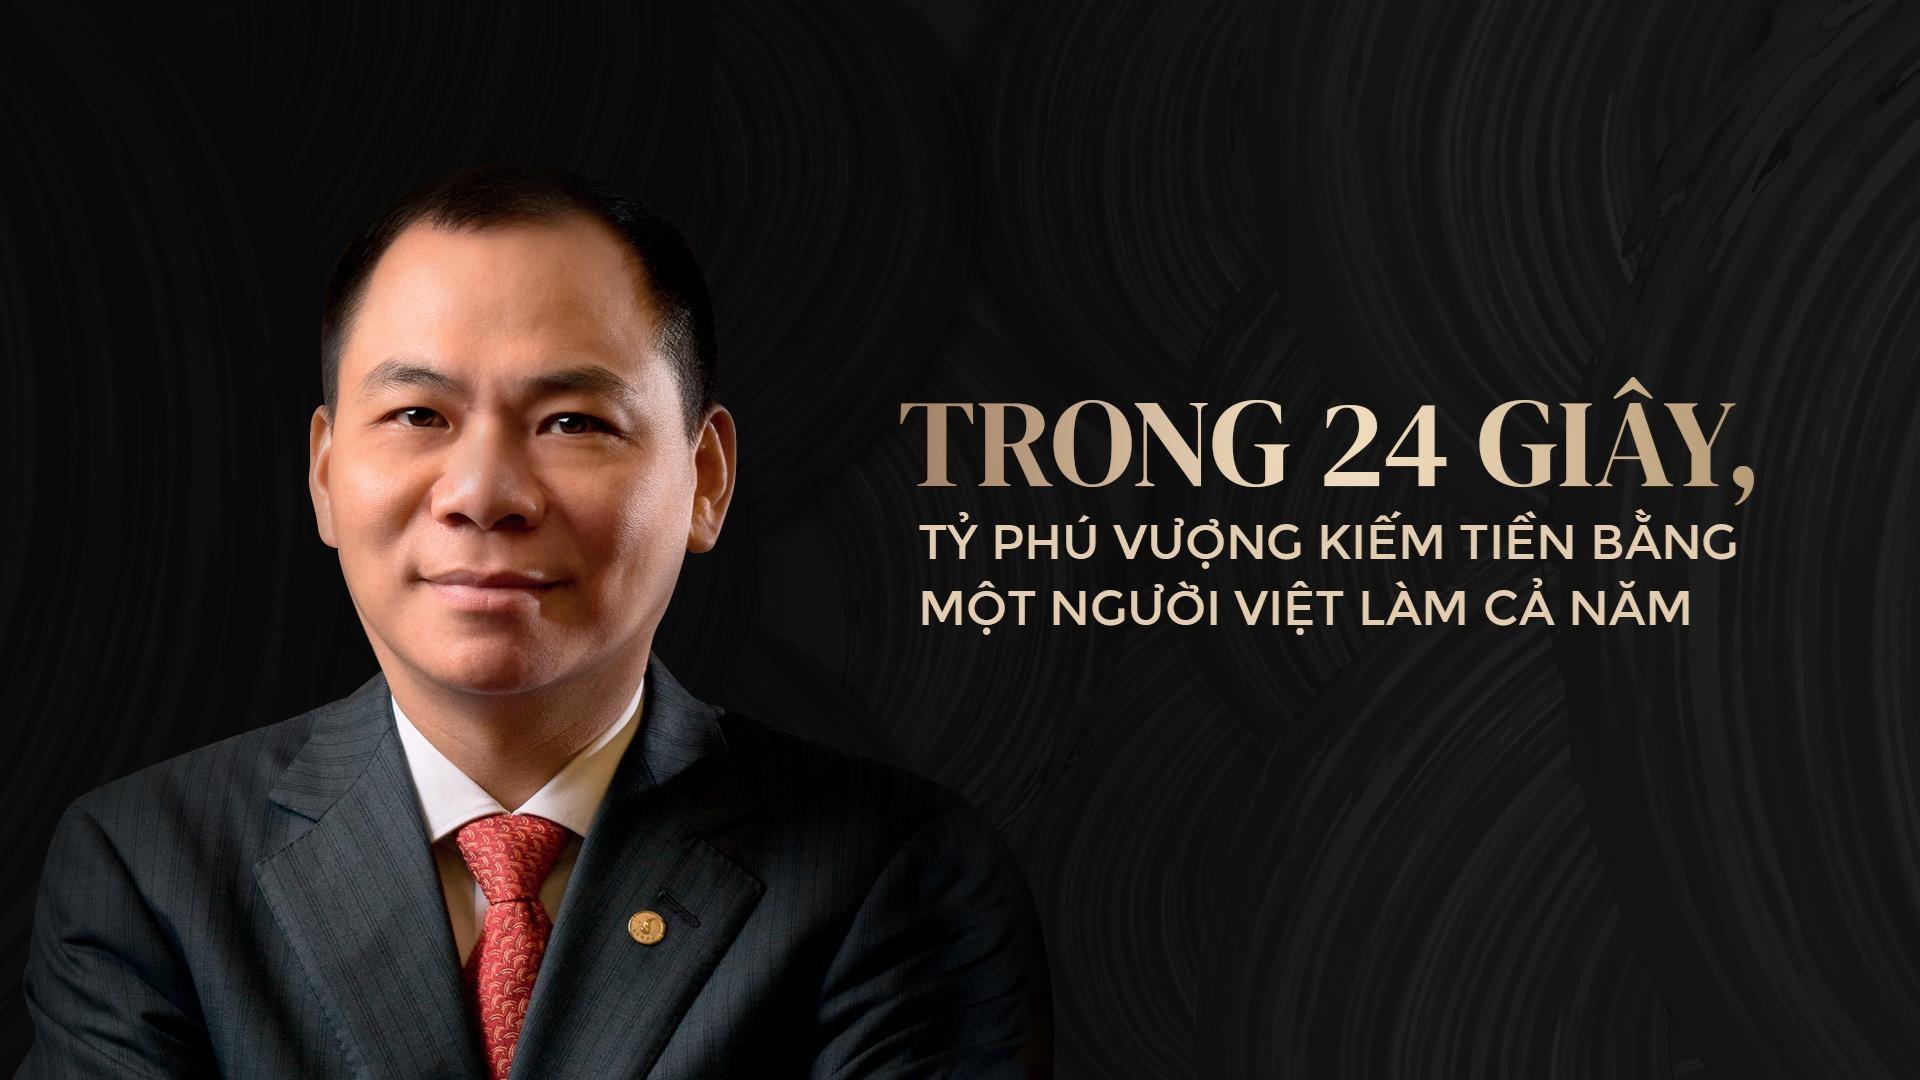 Trong 24 giây, tỉ phú Vượng kiếm tiền bằng một người Việt làm cả năm - Ảnh 2.